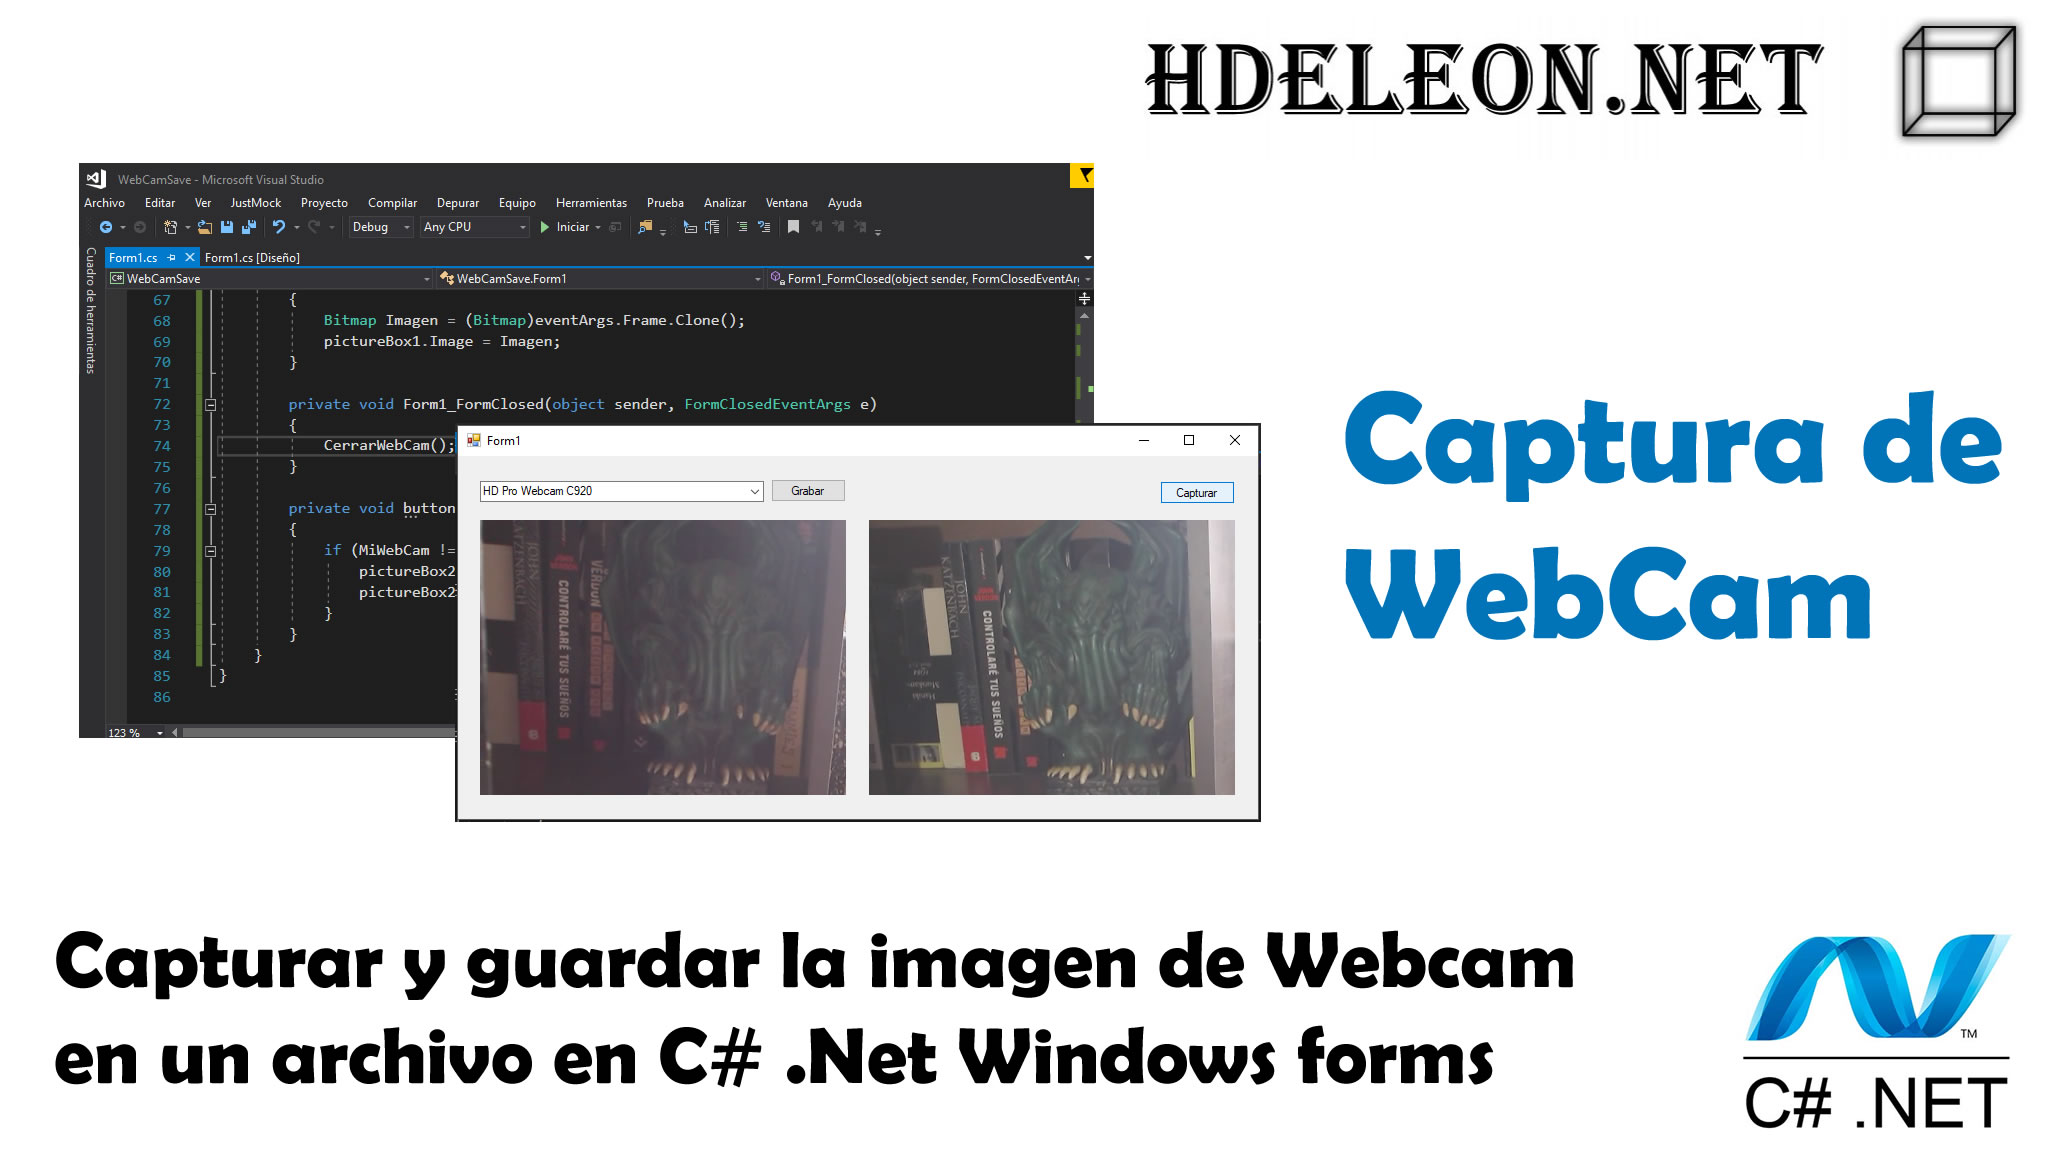 Capturar y guardar la imagen en Webcam en un archivo en C# .Net Windows Forms